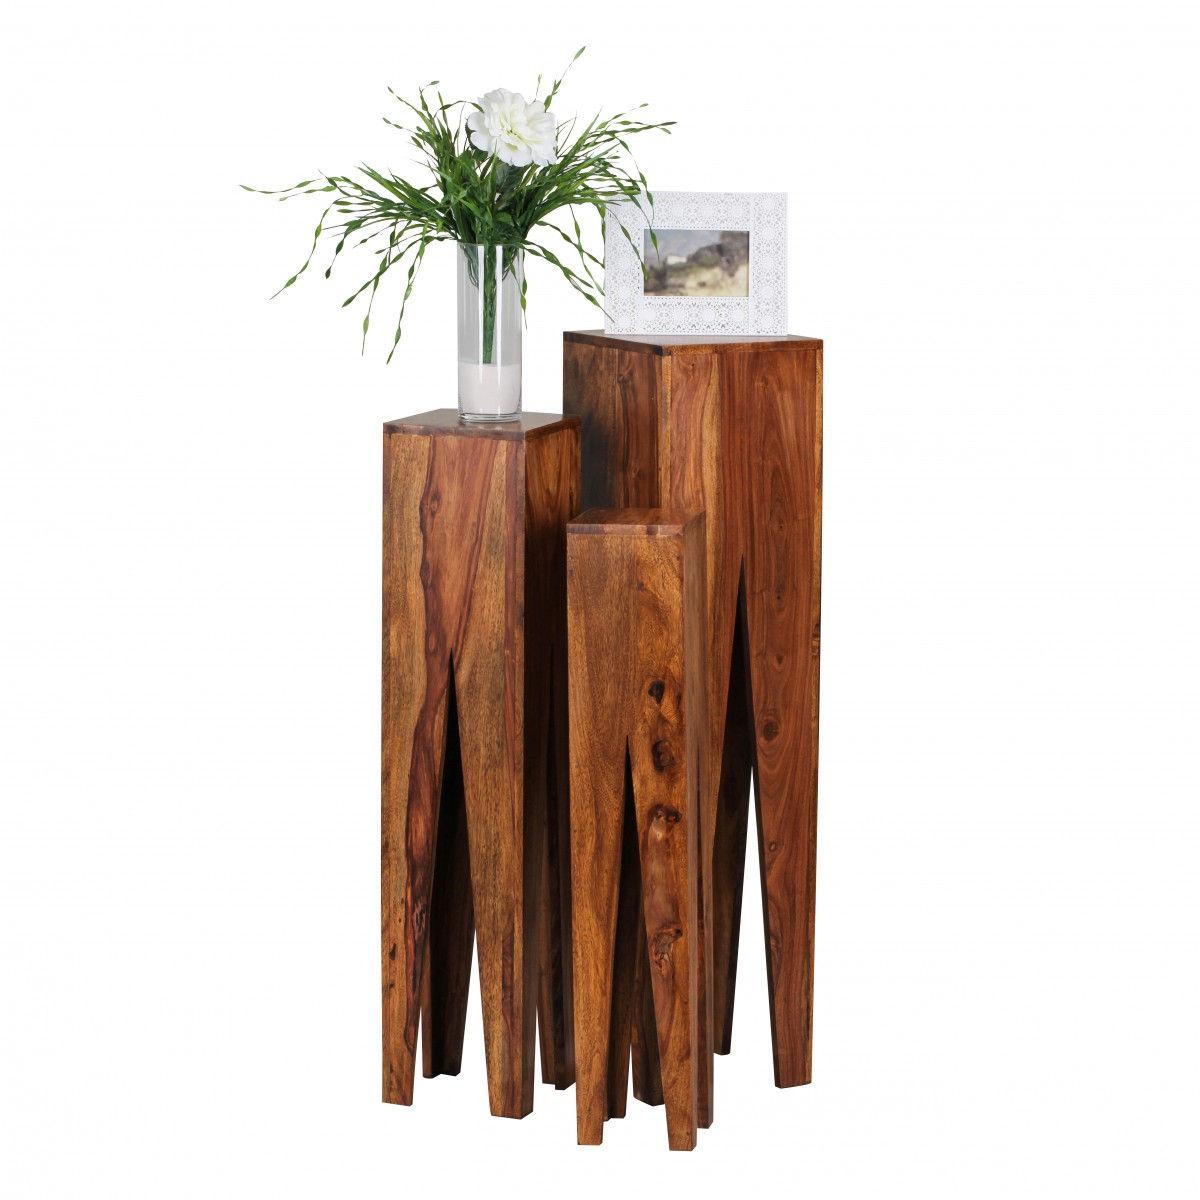 Lieblich Weran Beistelltisch 3er Set KADA Massivholz Sheesham Wohnzimmer Tisch  Design Säulen Landhausstil Couchtisch Quadratisch